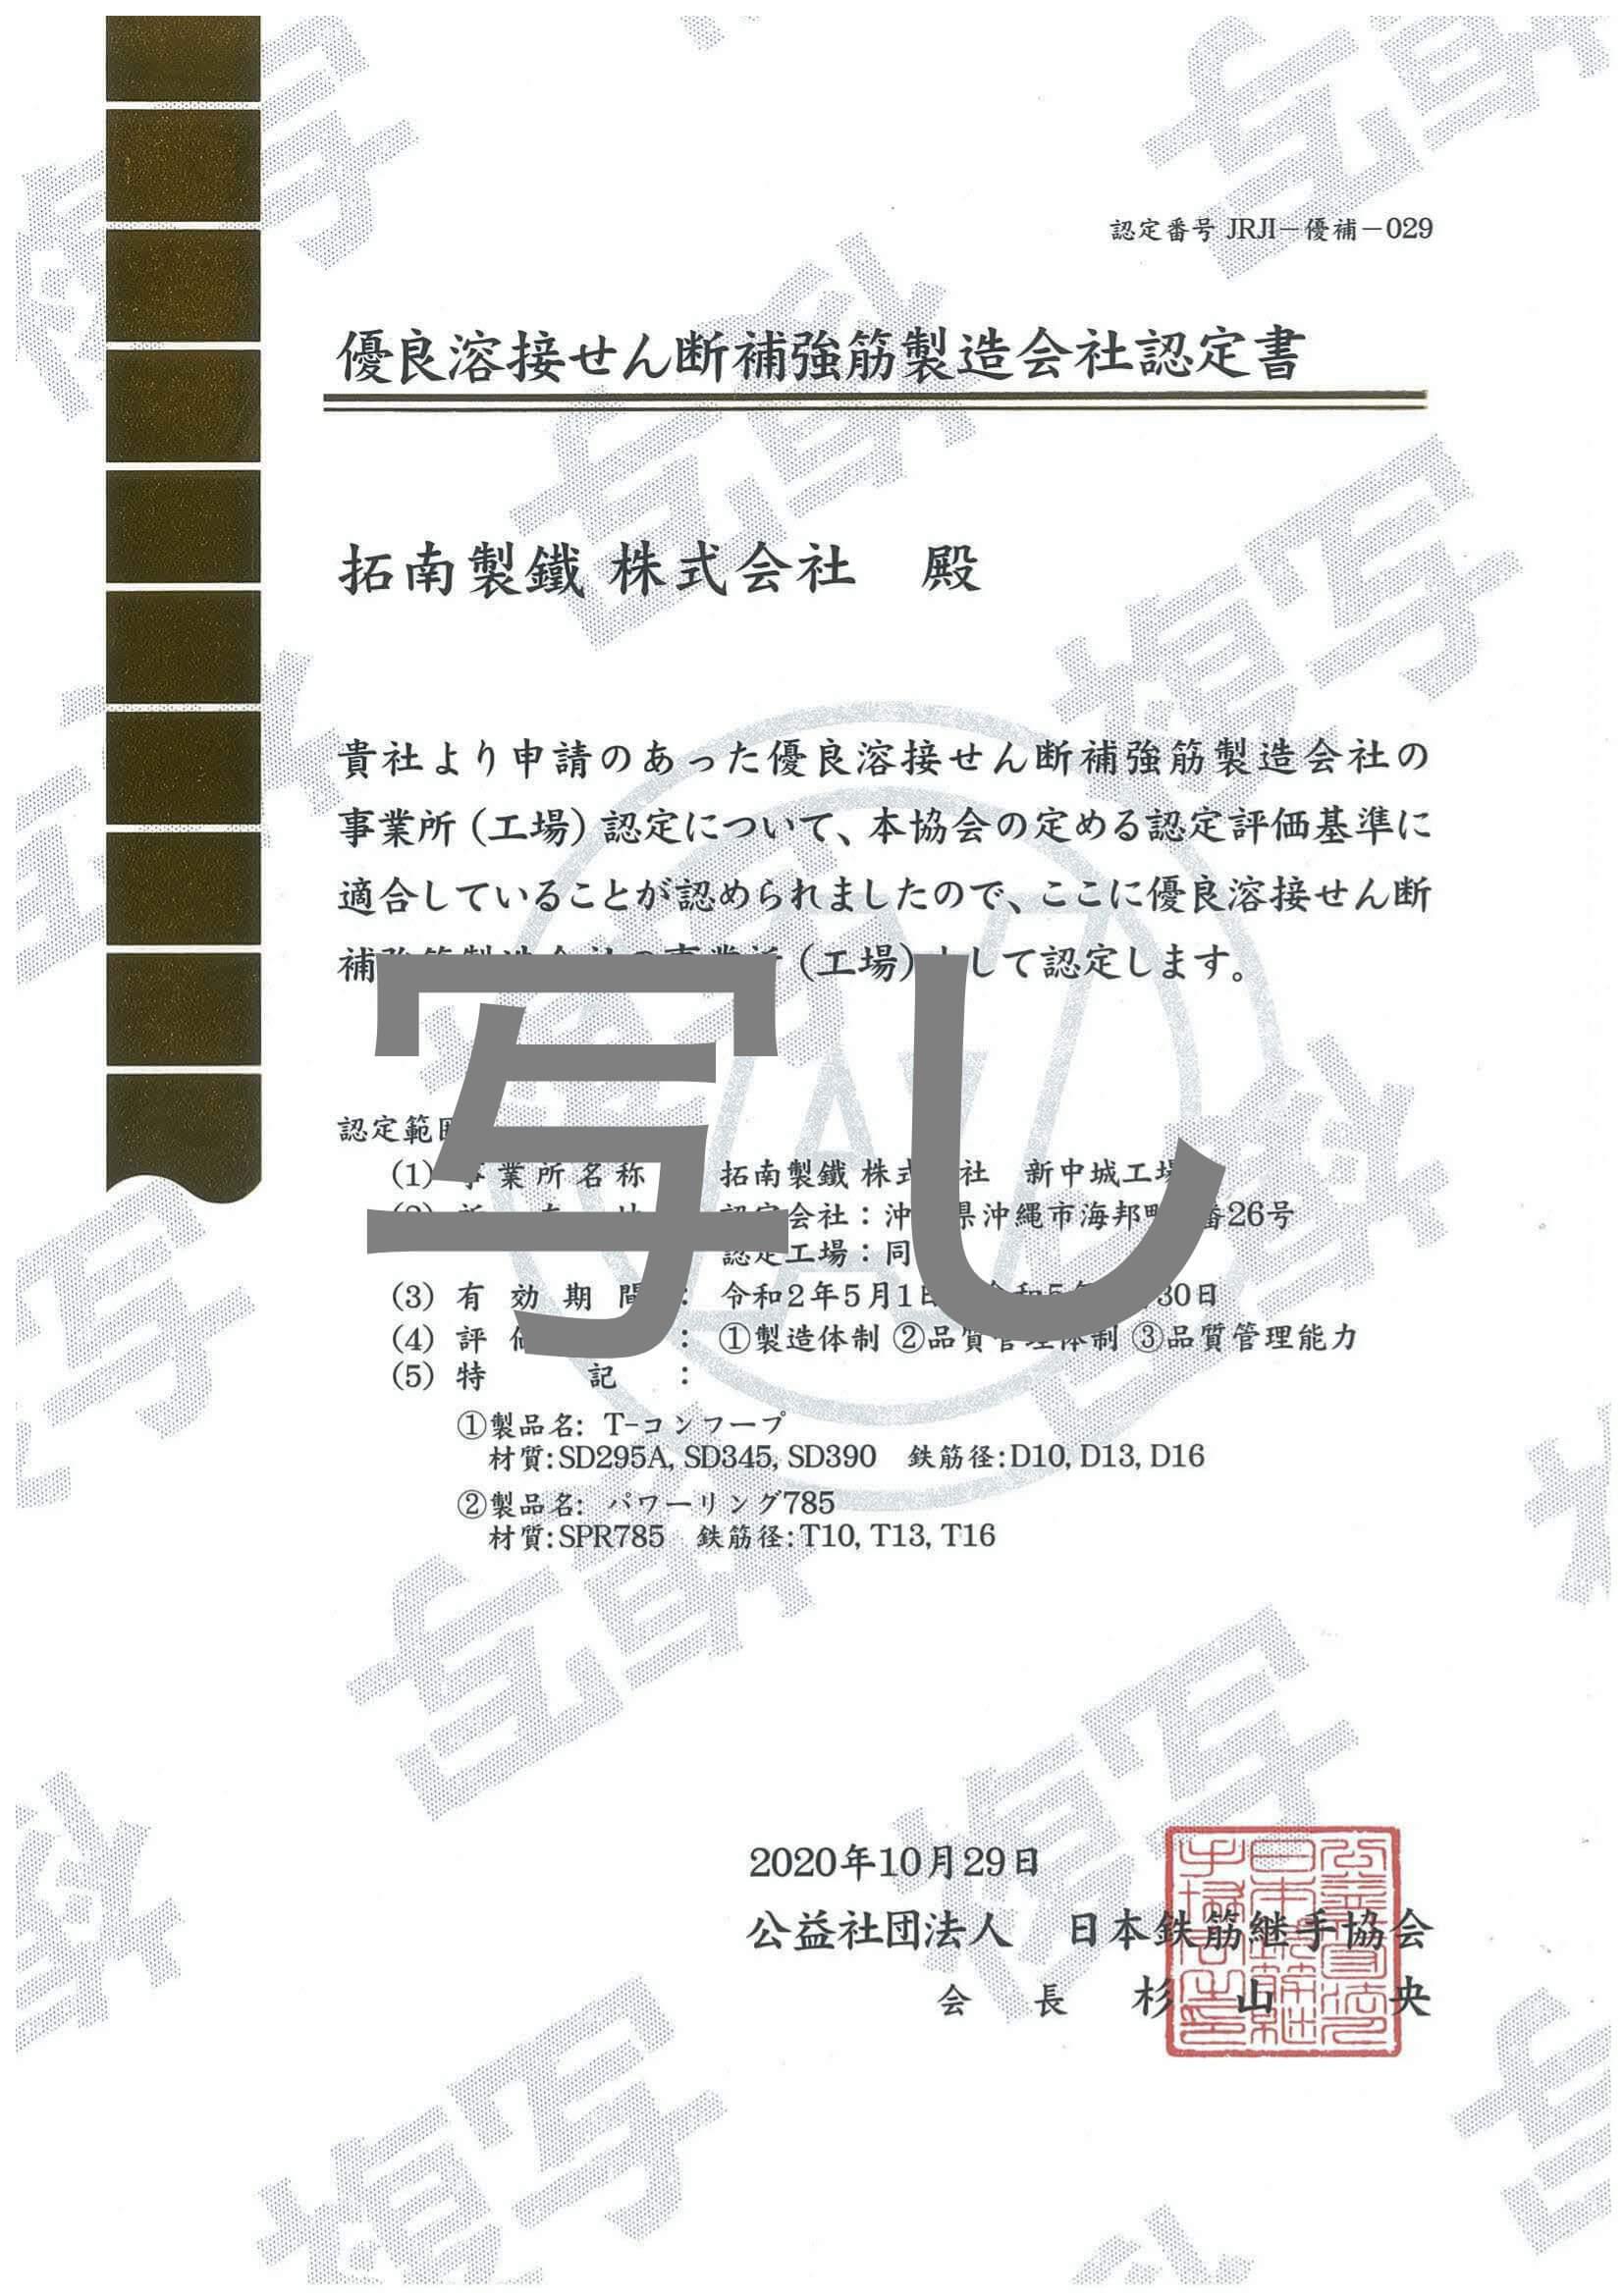 優良溶接せん断補強筋製造会社認定書